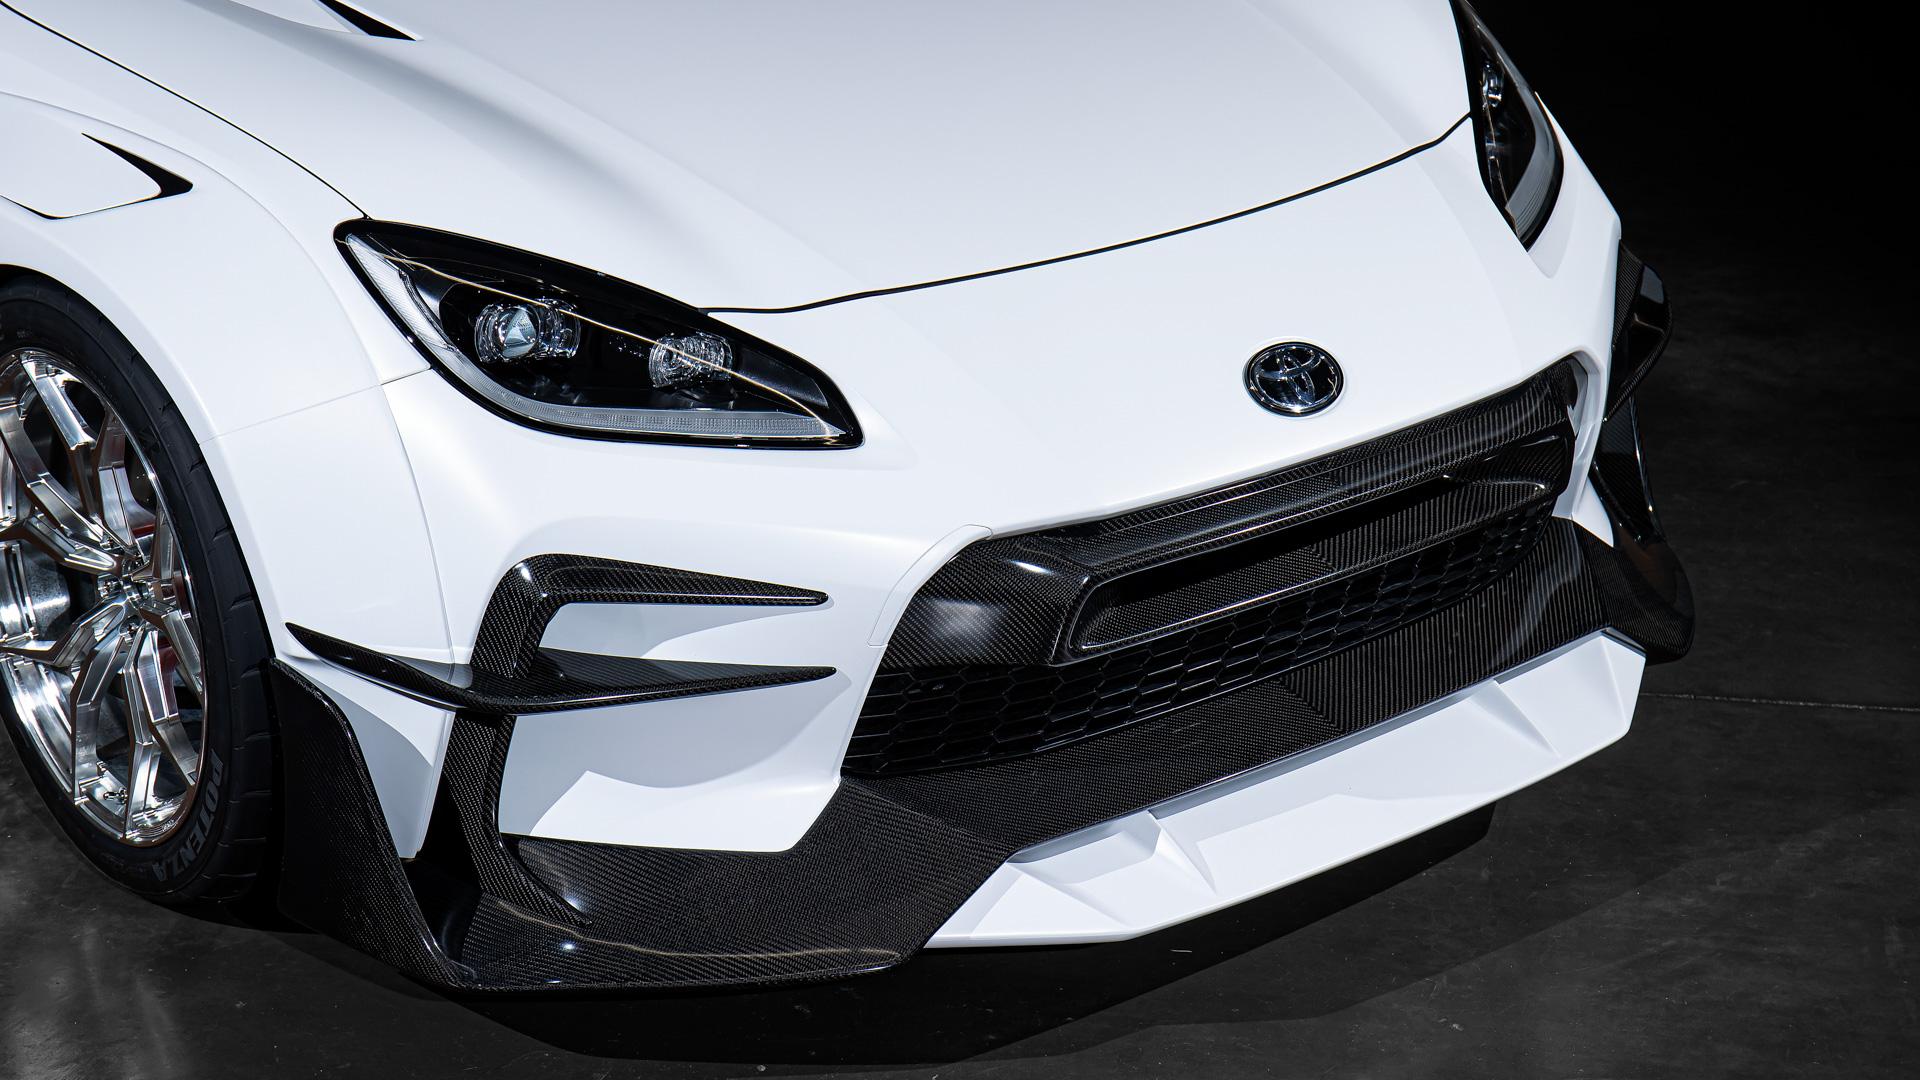 【フロントウィング】ベース車のオリジナルデザインを強調しつつ、大型のフロントウイングとカナードでフロントダウンフォースを確保。グリル上段の大型インレットダクトは走行風圧を利用して、効率よくエンジン吸気ができるラムダクトをイメージした